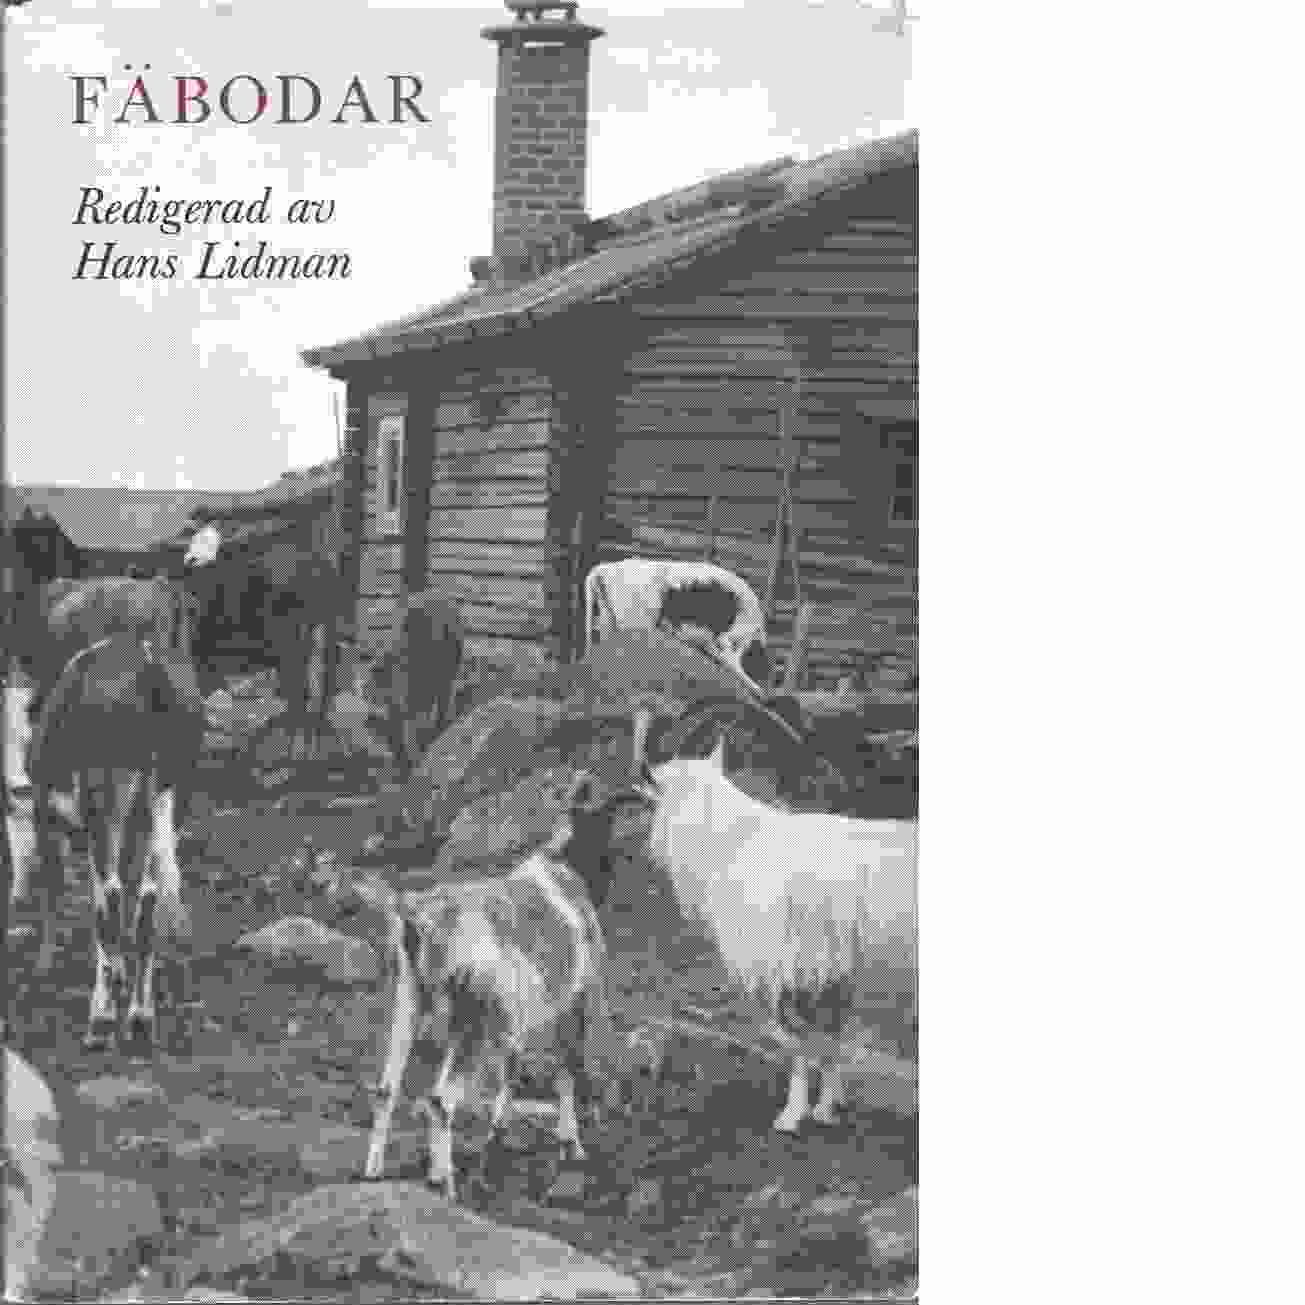 Fäbodar - Lidman, Hans Red.